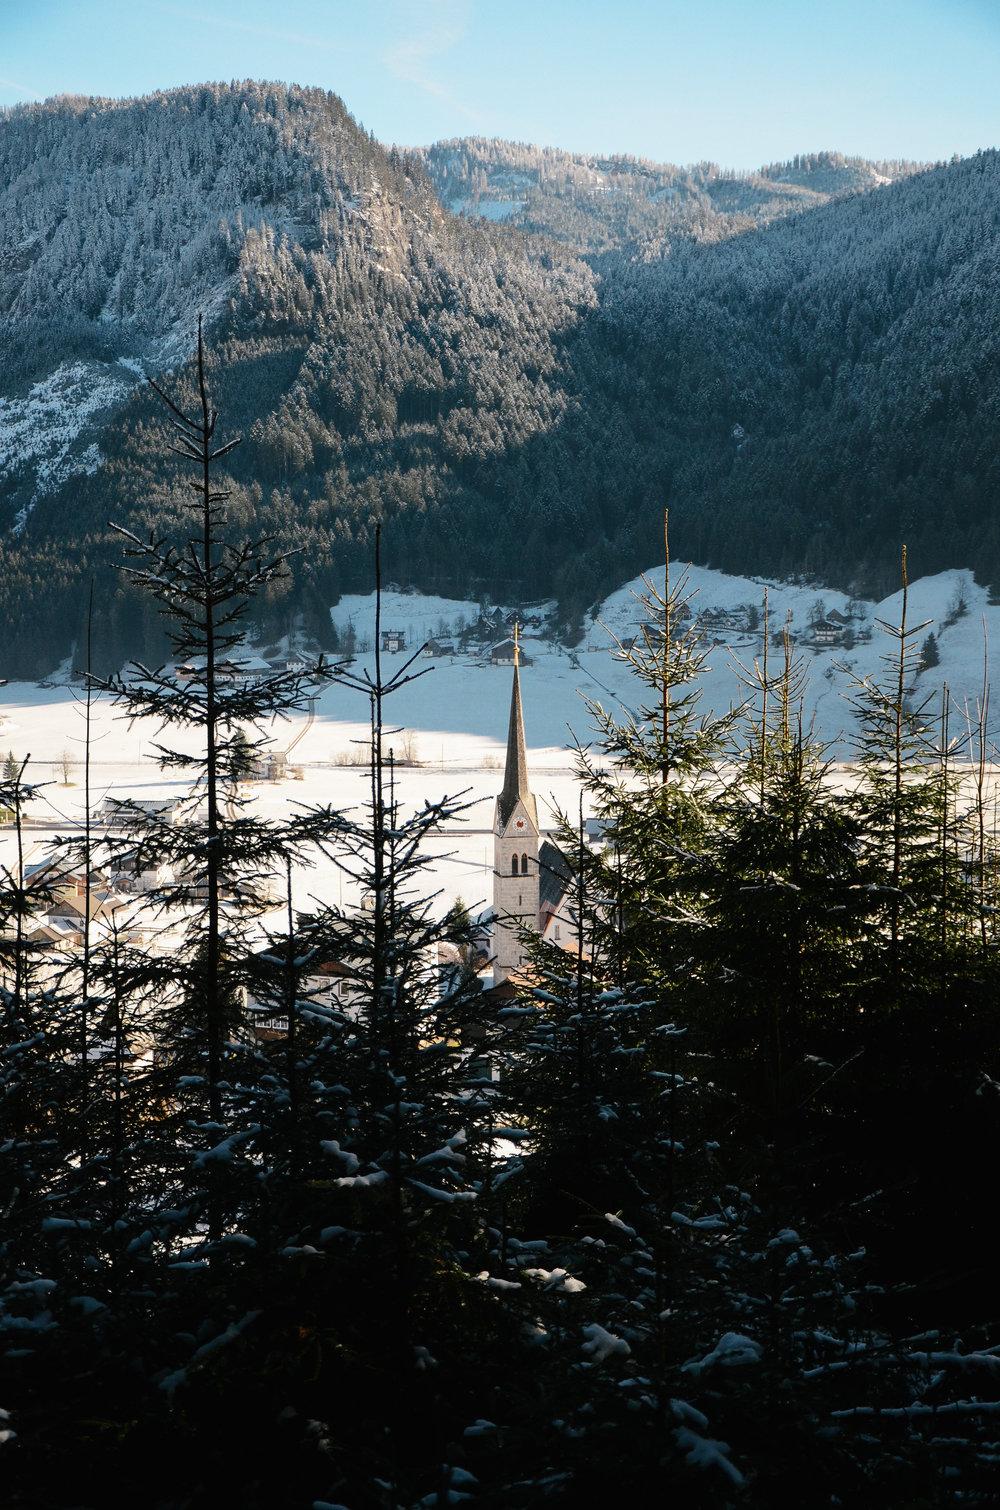 austria-halstatt-salzburg-travel-guide-lifeonpine_DSC_1890.jpg